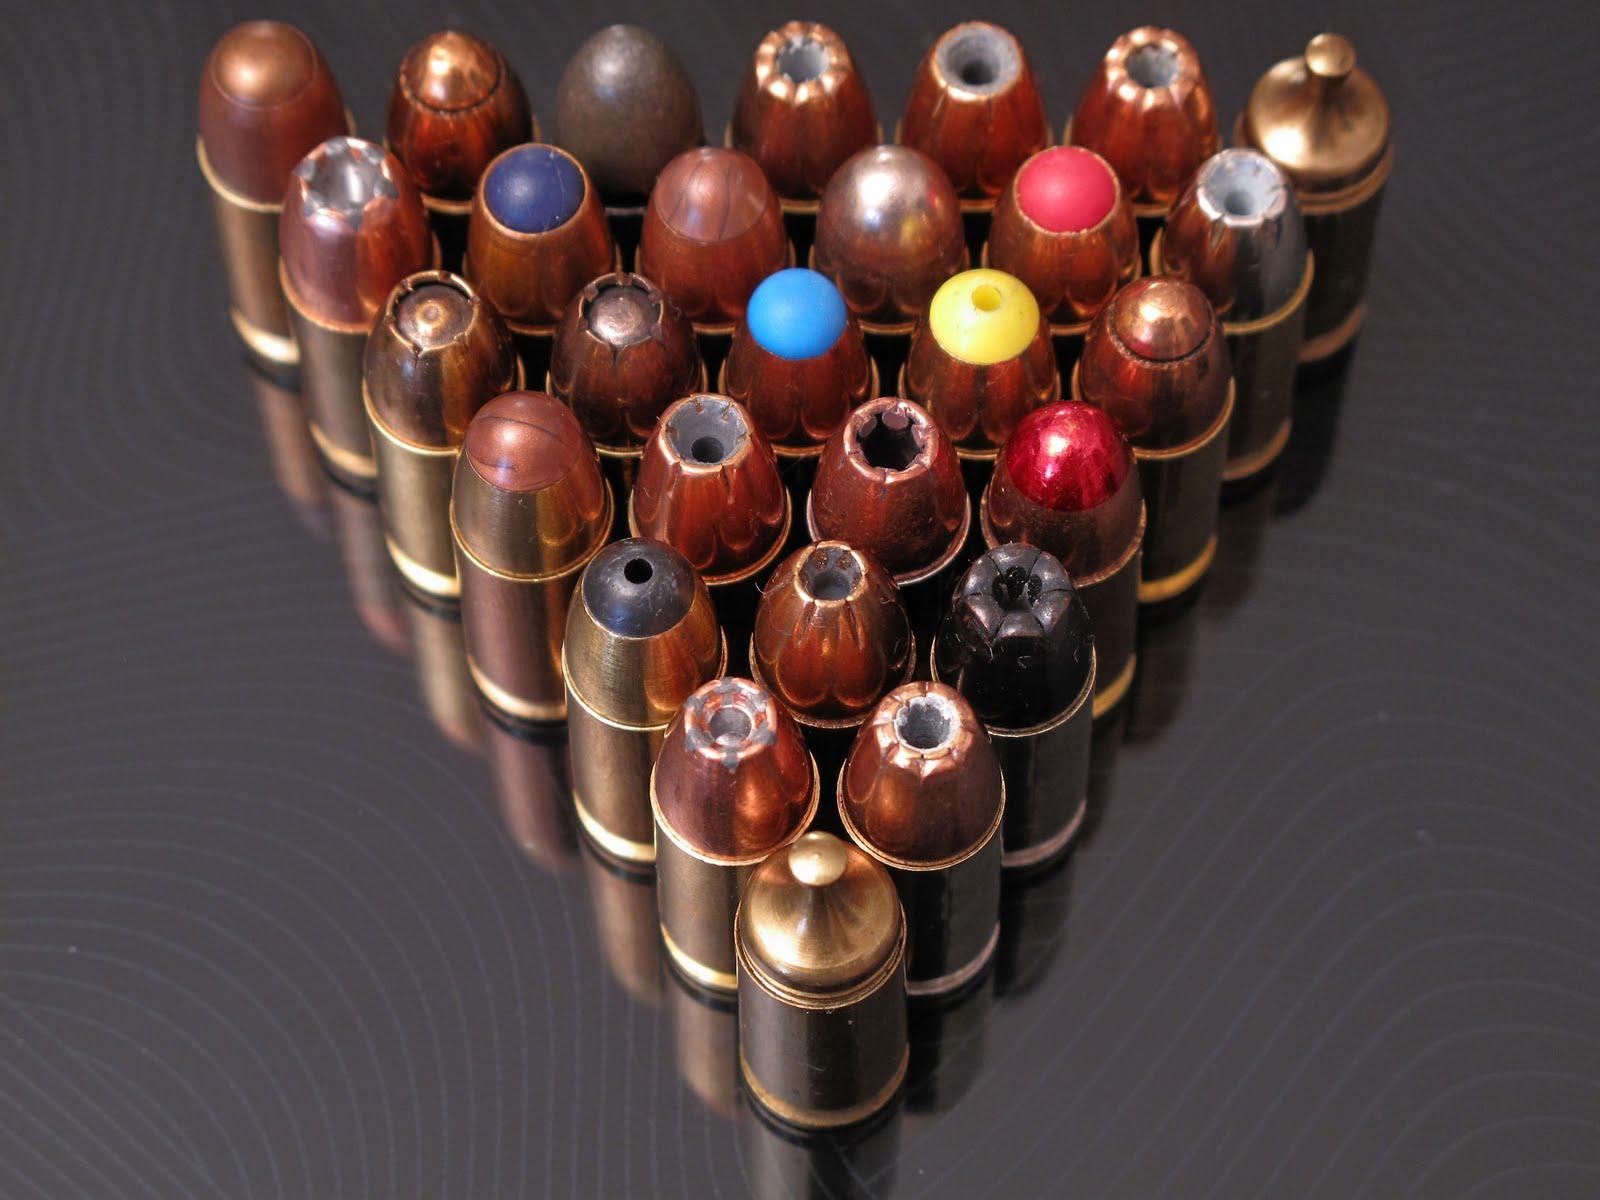 http://4.bp.blogspot.com/-WdAW19GcKNA/TccMThQh2FI/AAAAAAAABPI/4EhSMSc2_24/s1600/bullet_1.jpg